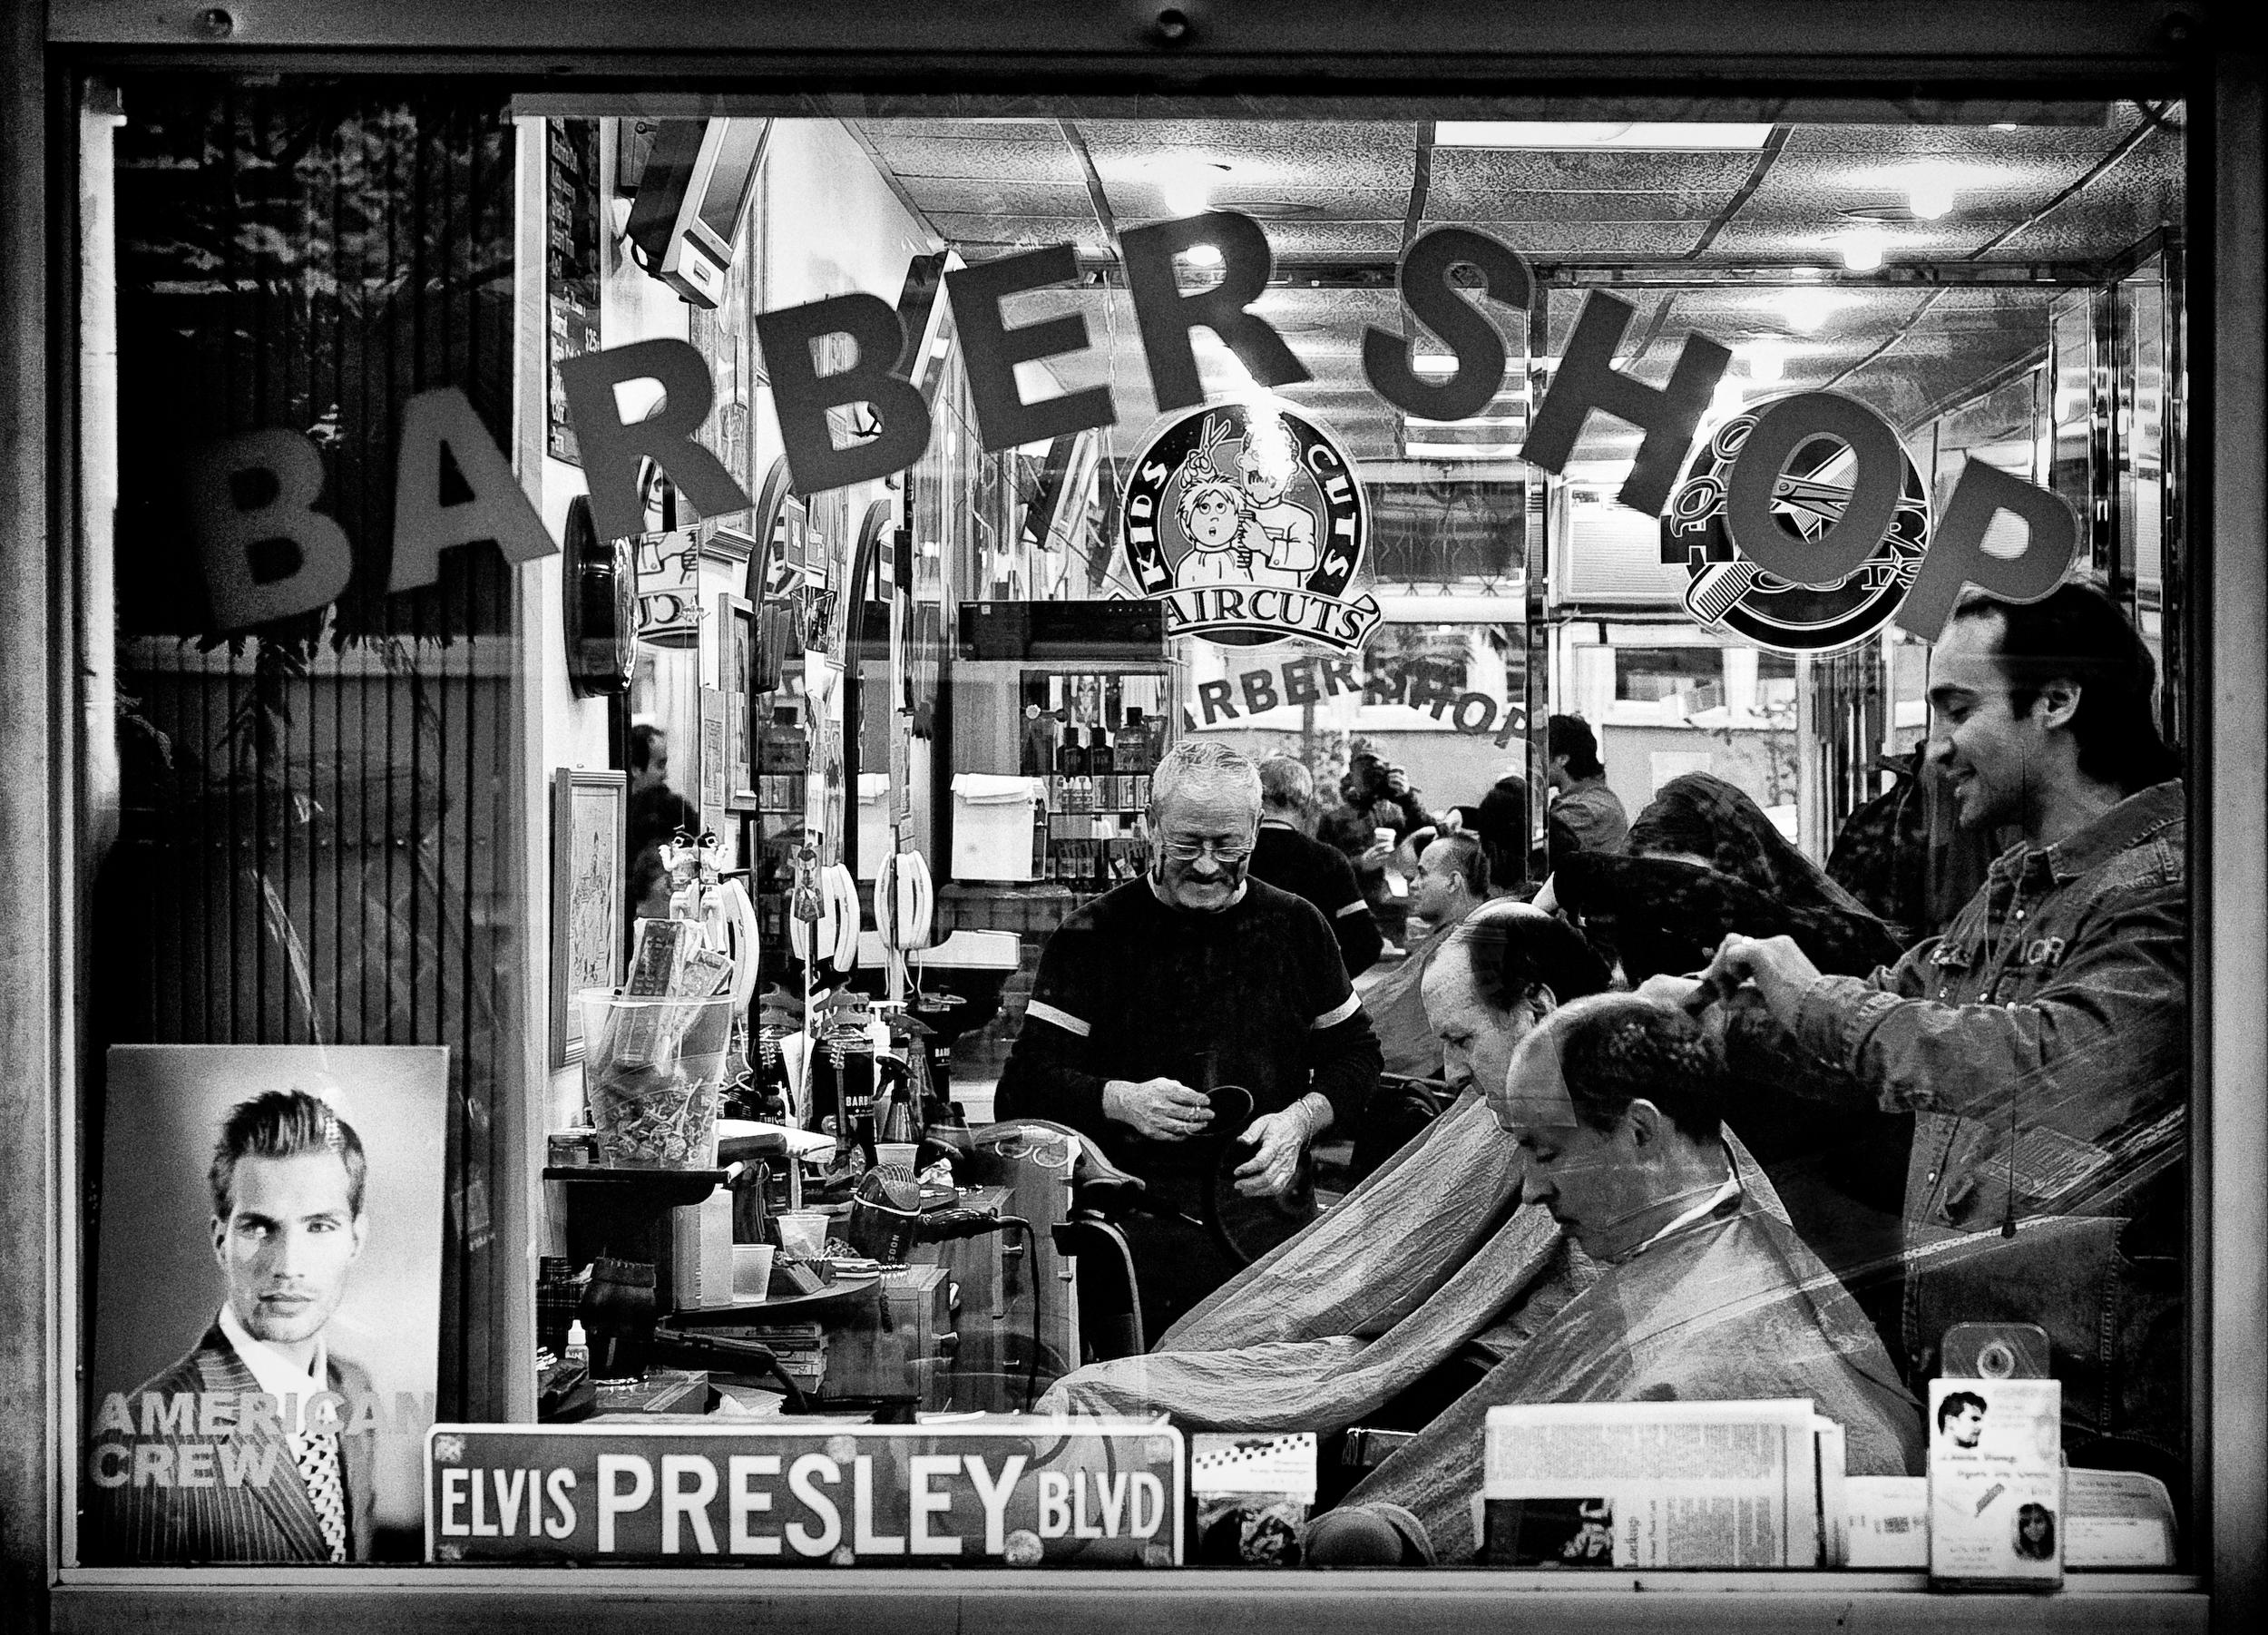 Baldy Barber Shop